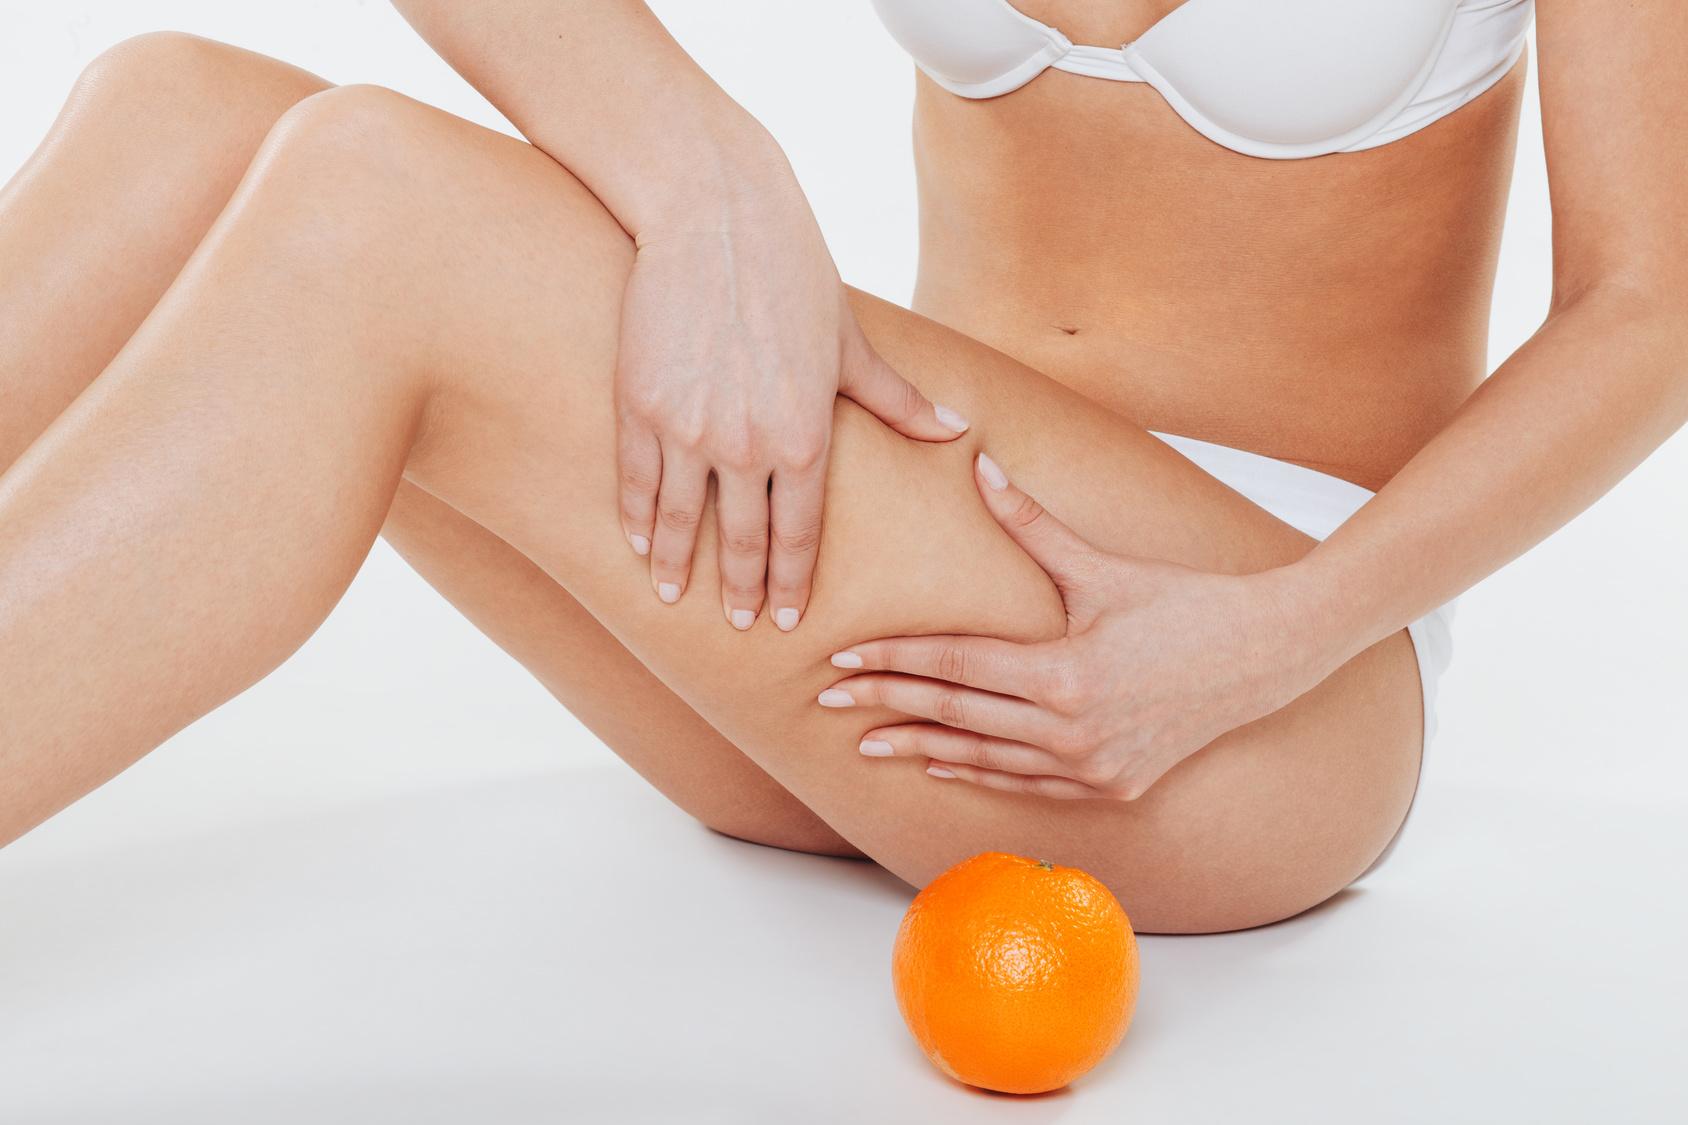 Come eliminare la cellulite dalle gambe